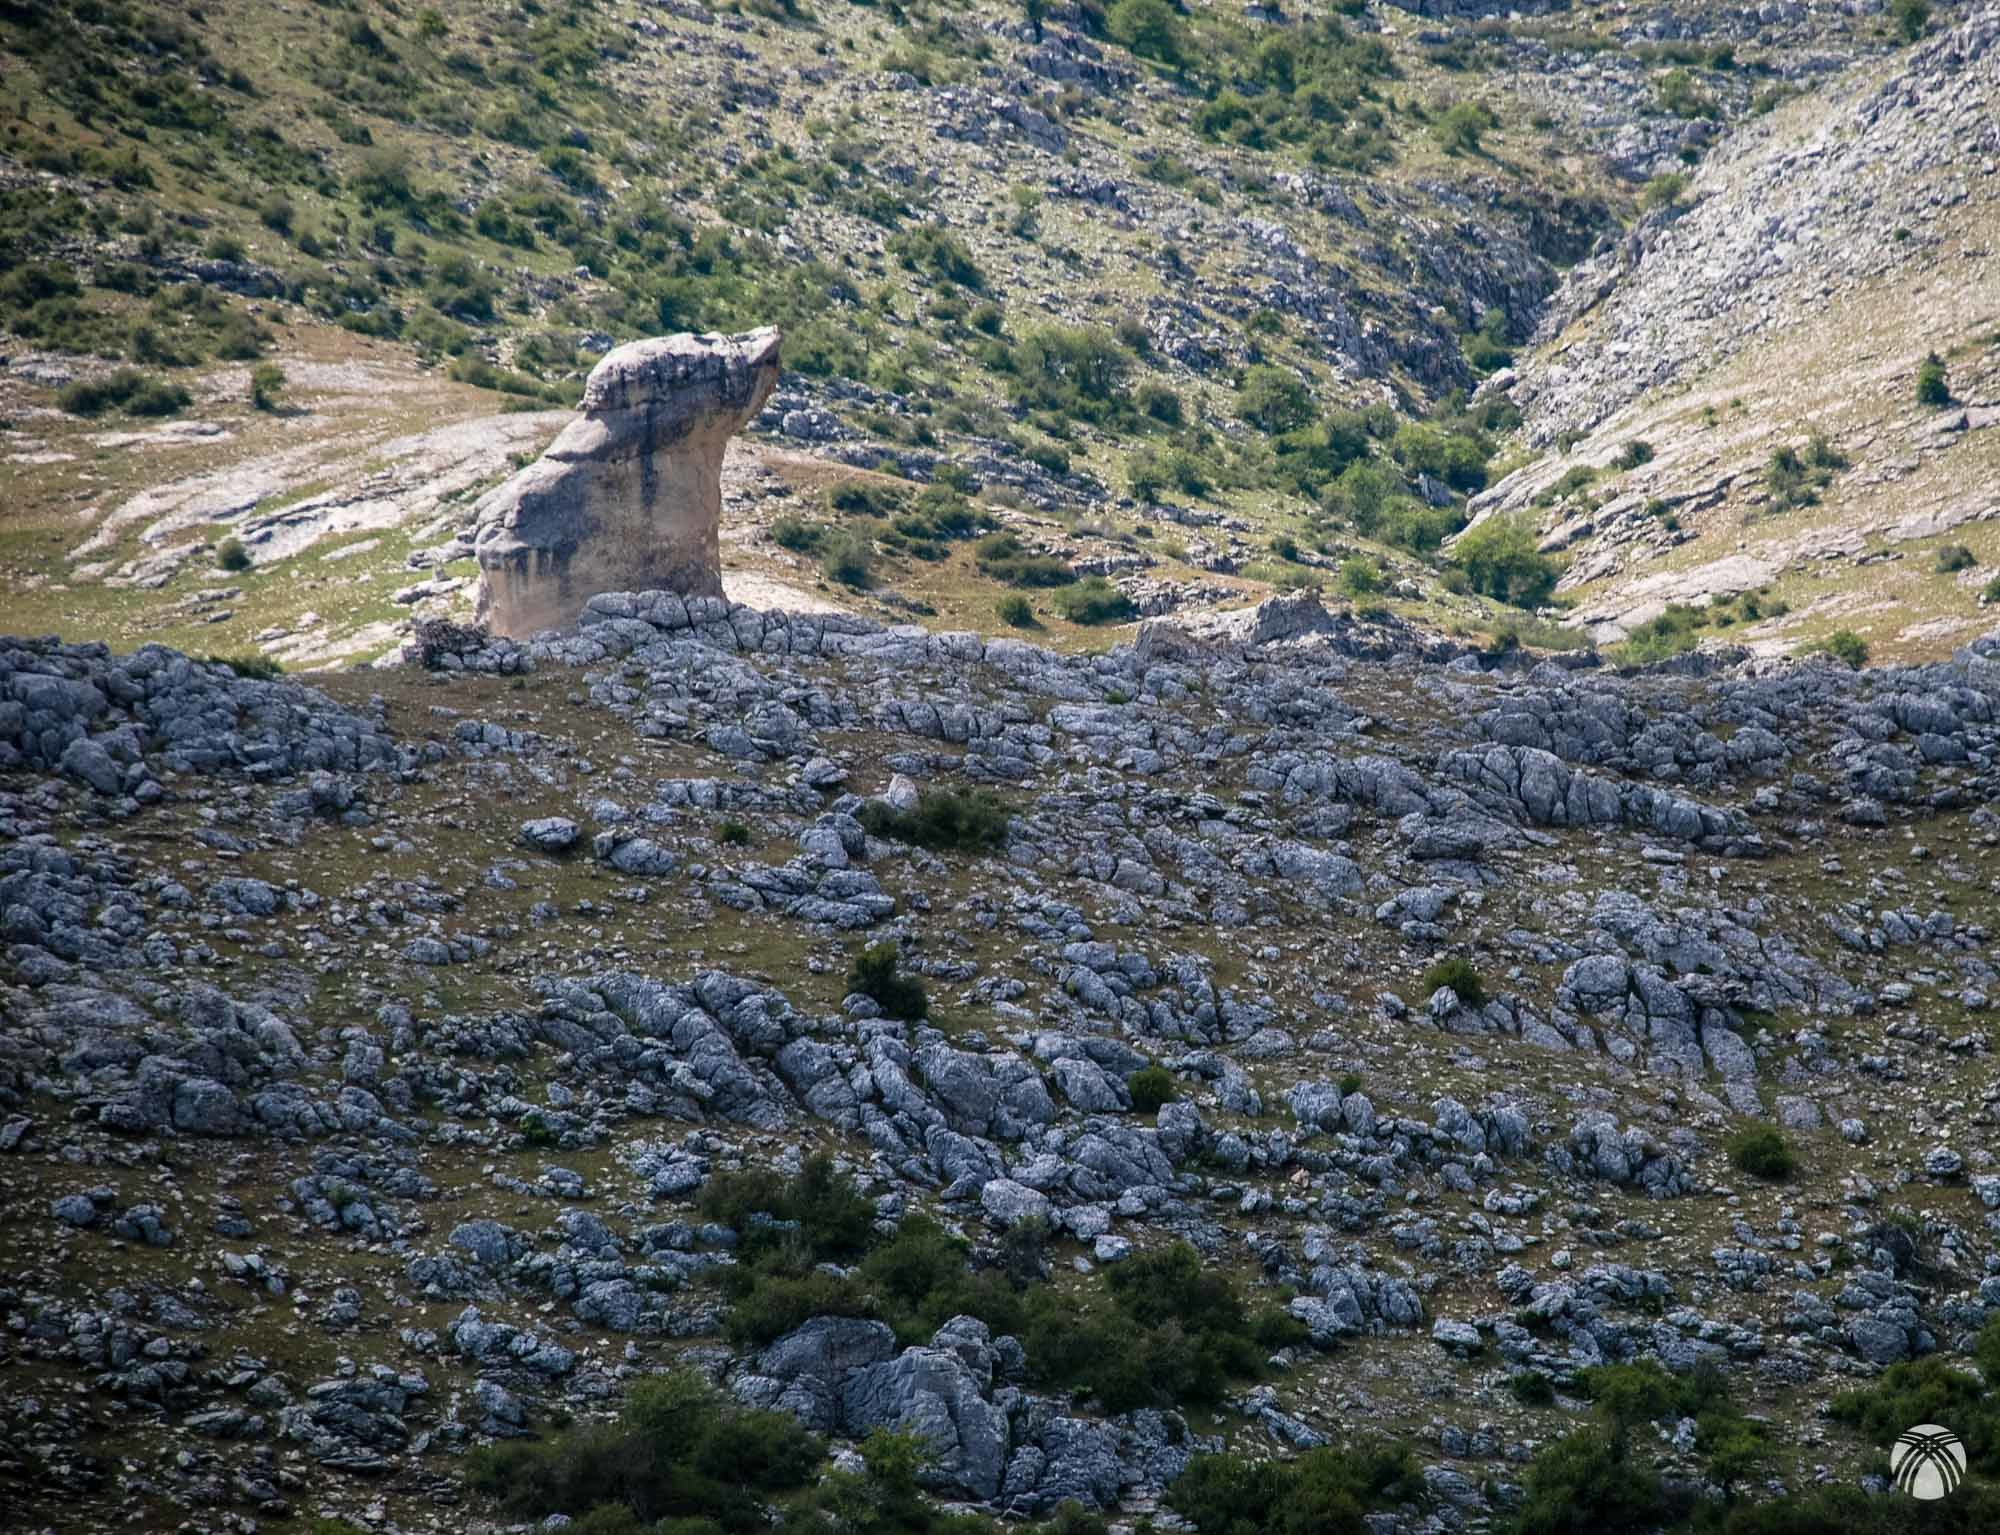 Geoformas curiosas típicas de Castril